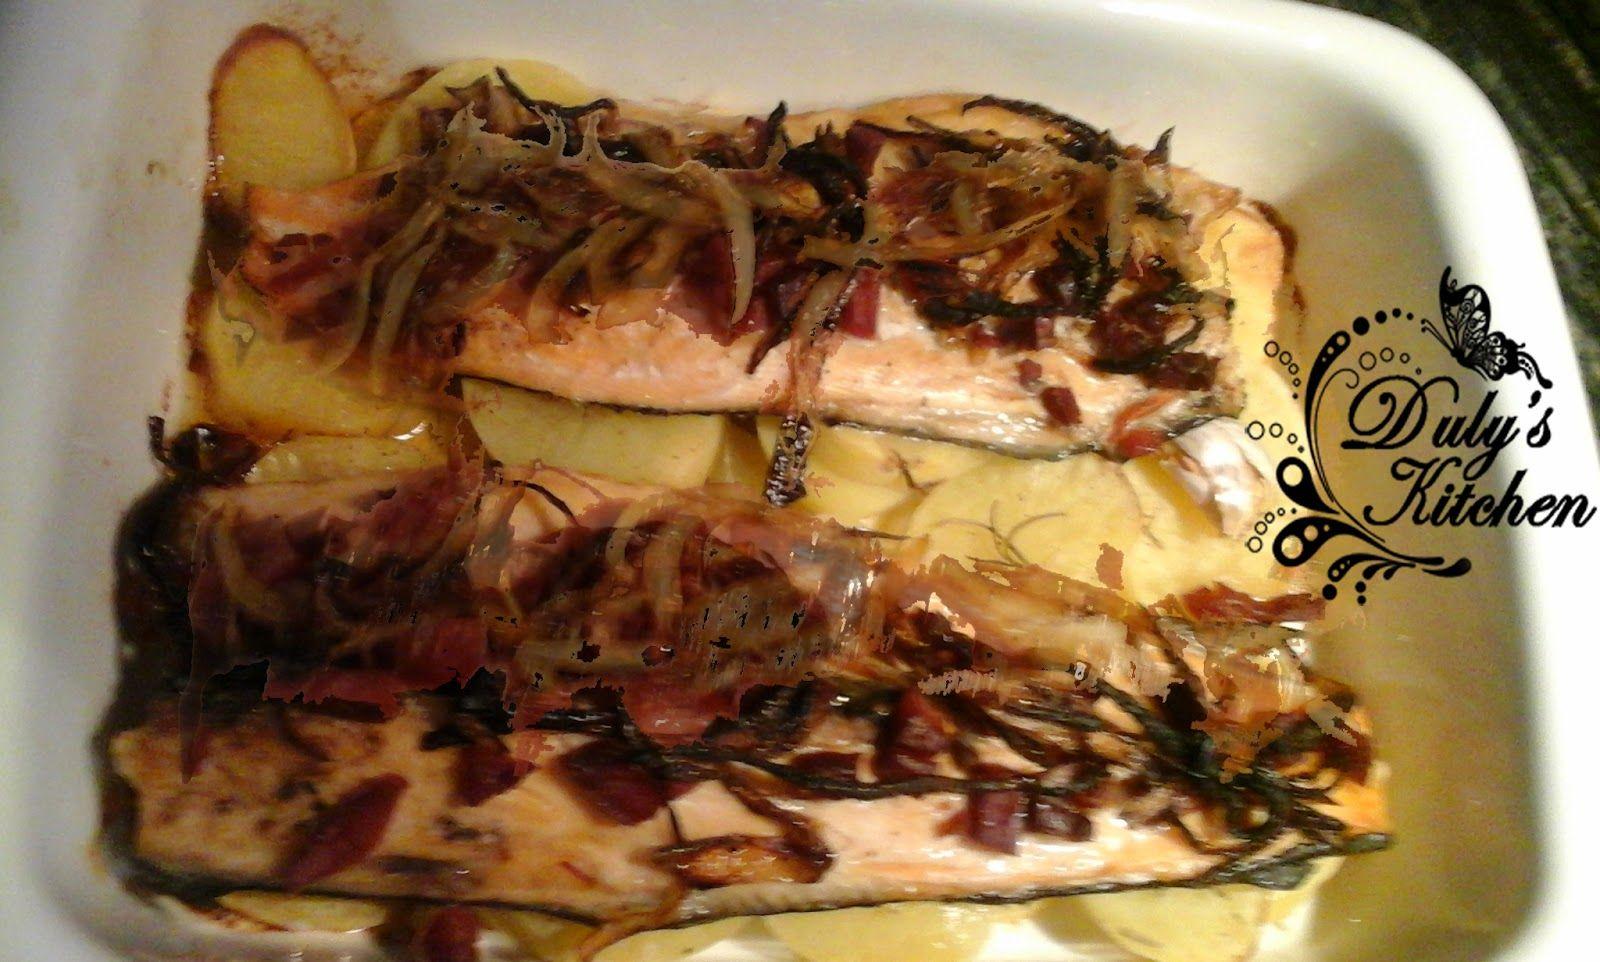 Duly's Kitchen: Trucha con jamón